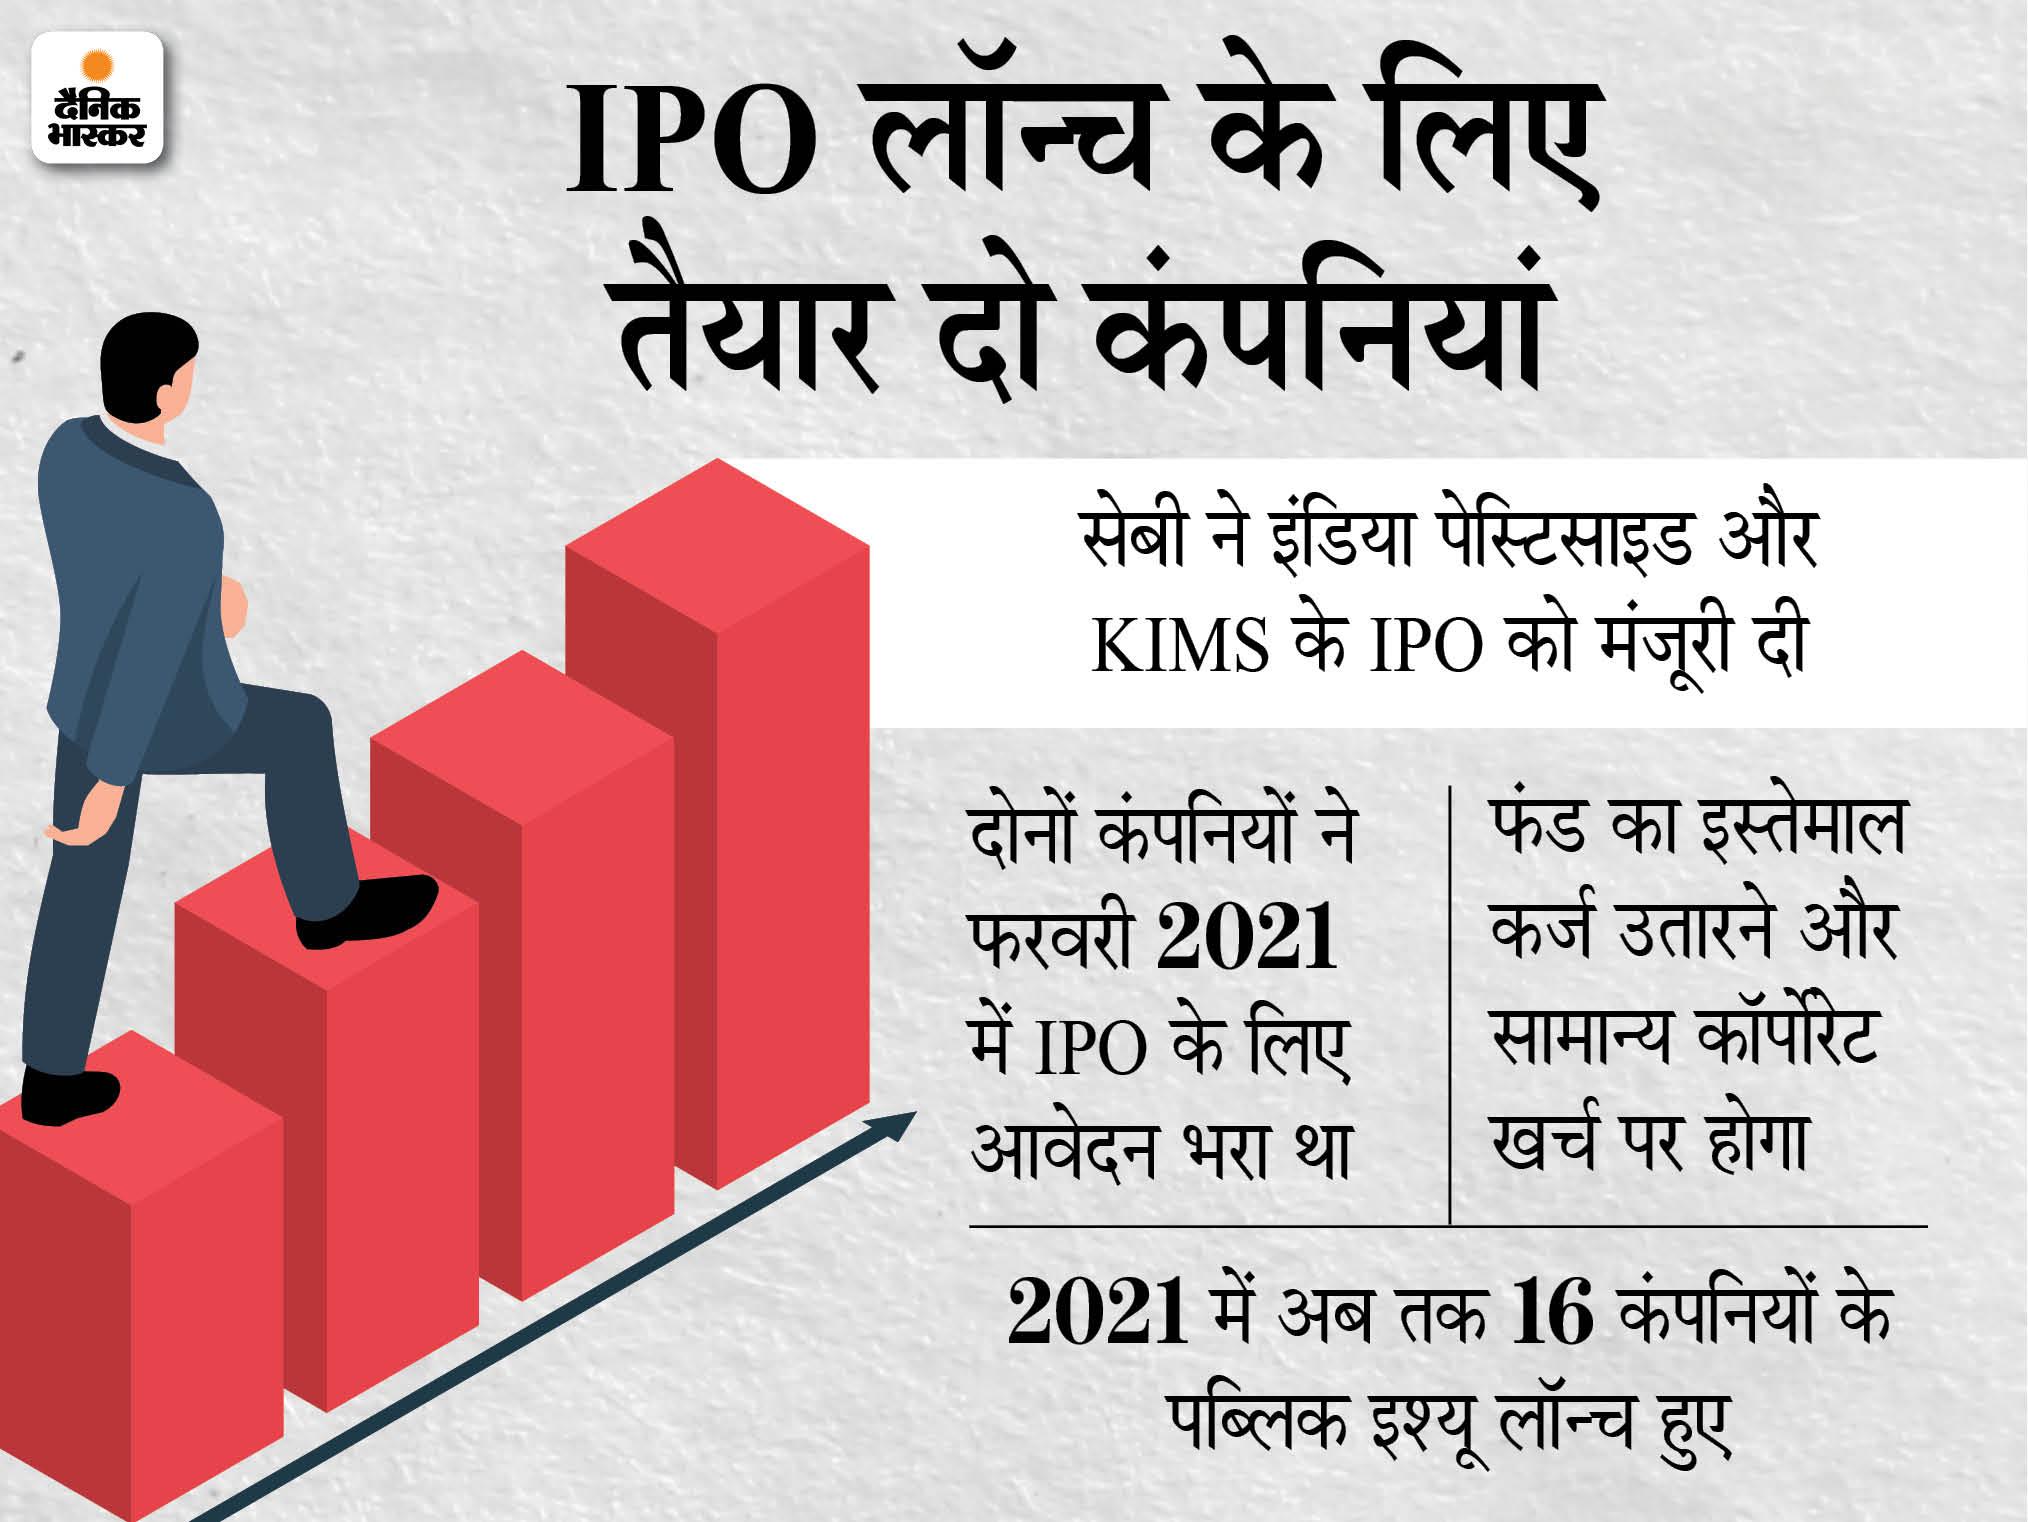 सेबी ने इंडिया पेस्टीसाइड्स और KIMS के IPO को मंजूरी दी, दोनों कंपनियों ने फरवरी में भरा था आवेदन|बिजनेस,Business - Dainik Bhaskar